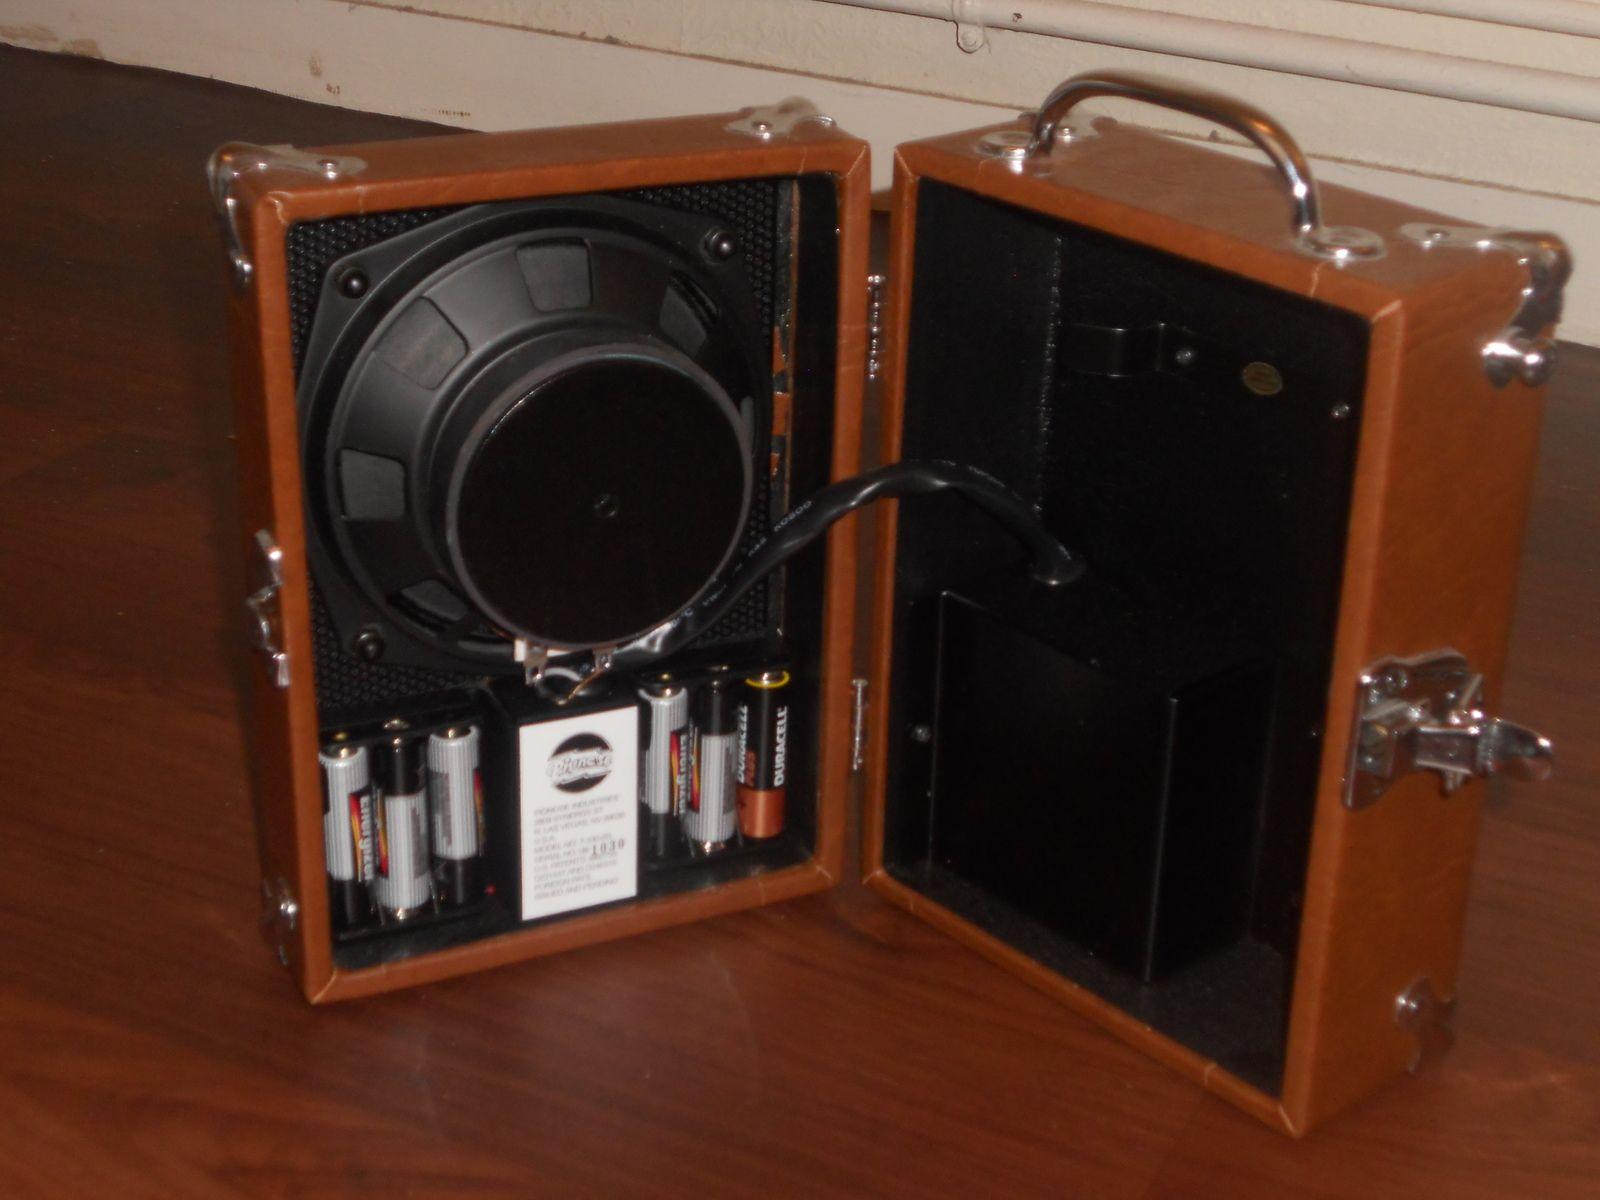 pignose 7 100 legendary 189361 pignose 7 100 legendary image ( 189361) audiofanzine pignose amp wiring diagram at crackthecode.co